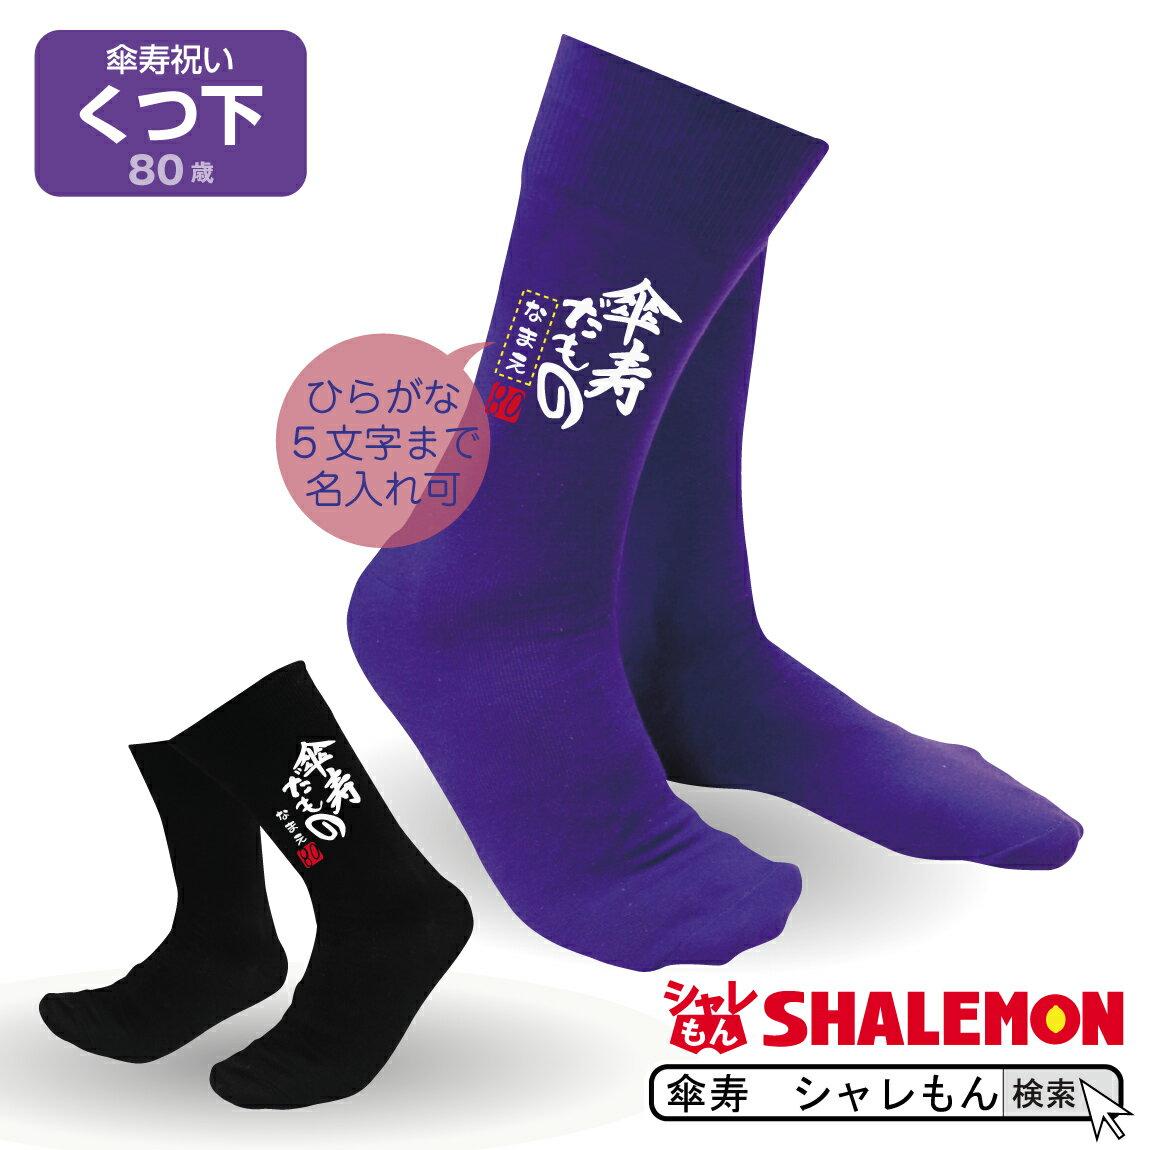 05eb635491867a 傘寿祝い 父 母 傘寿 紫 黒 ソックス【名入れ 傘寿だもの 靴下・